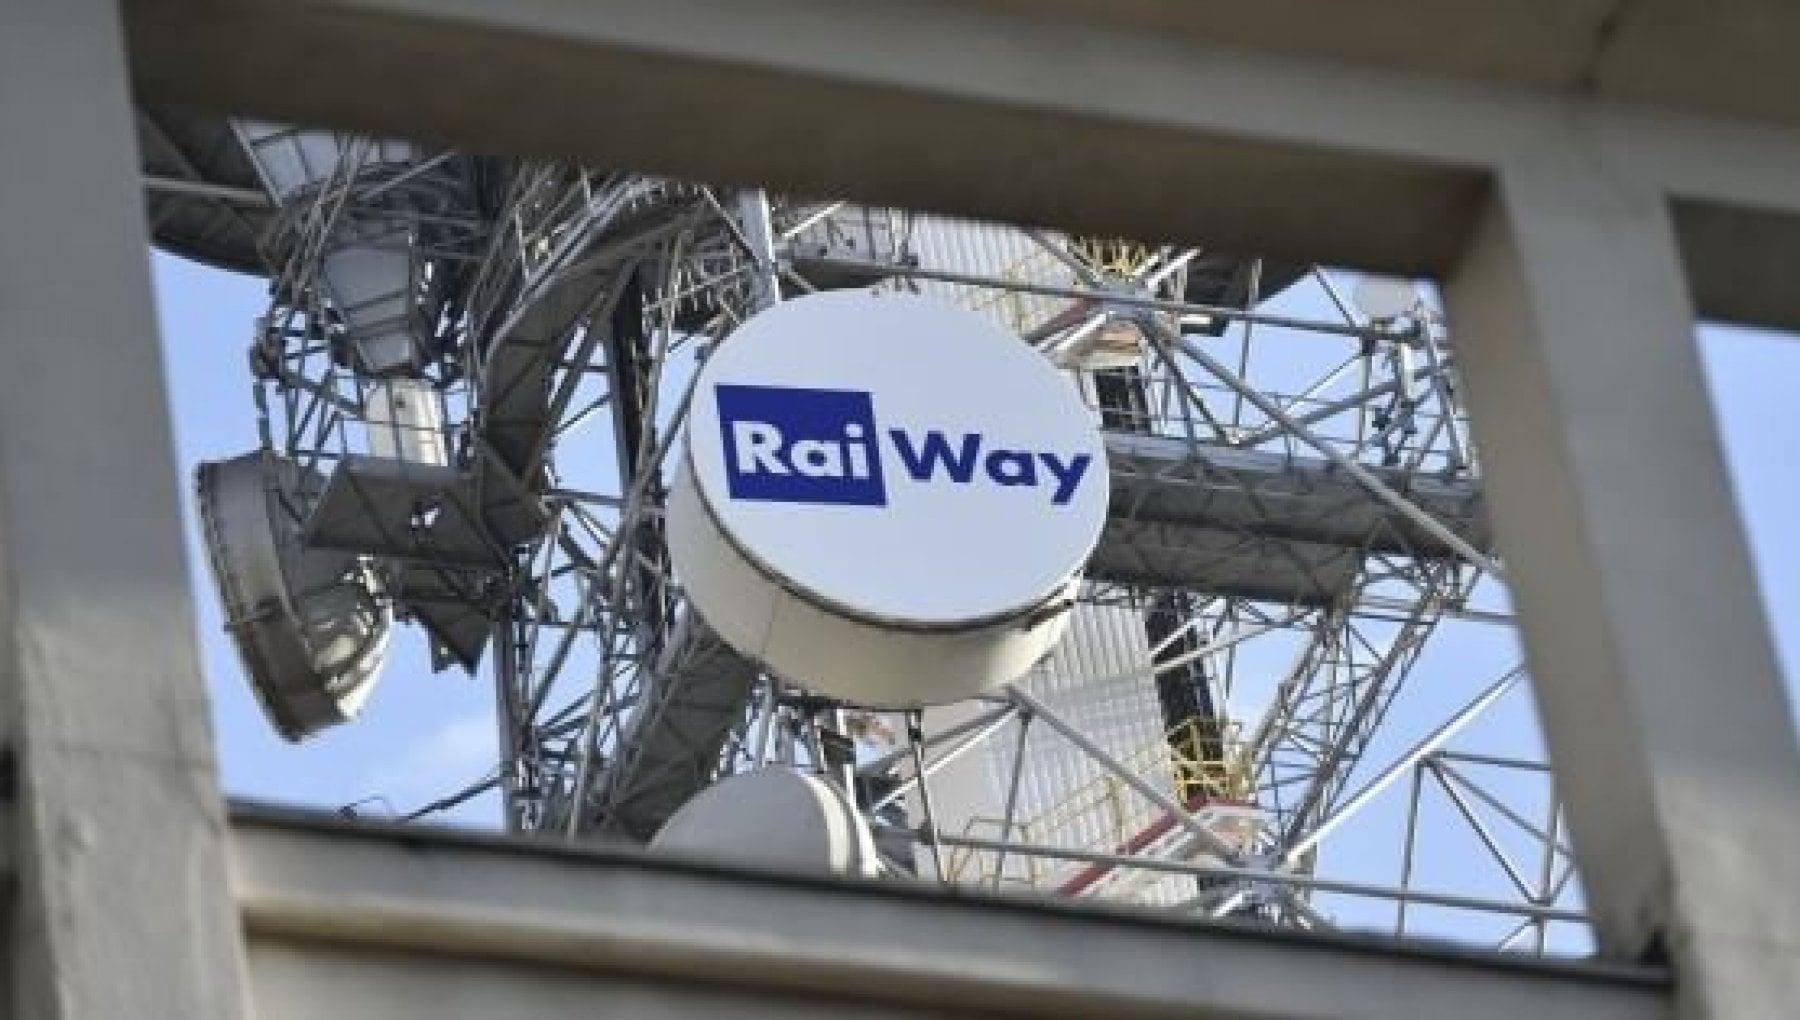 Ei Towers Rai Way gli analisti scommettono sul matrimonio nelle torri per trasmissioni